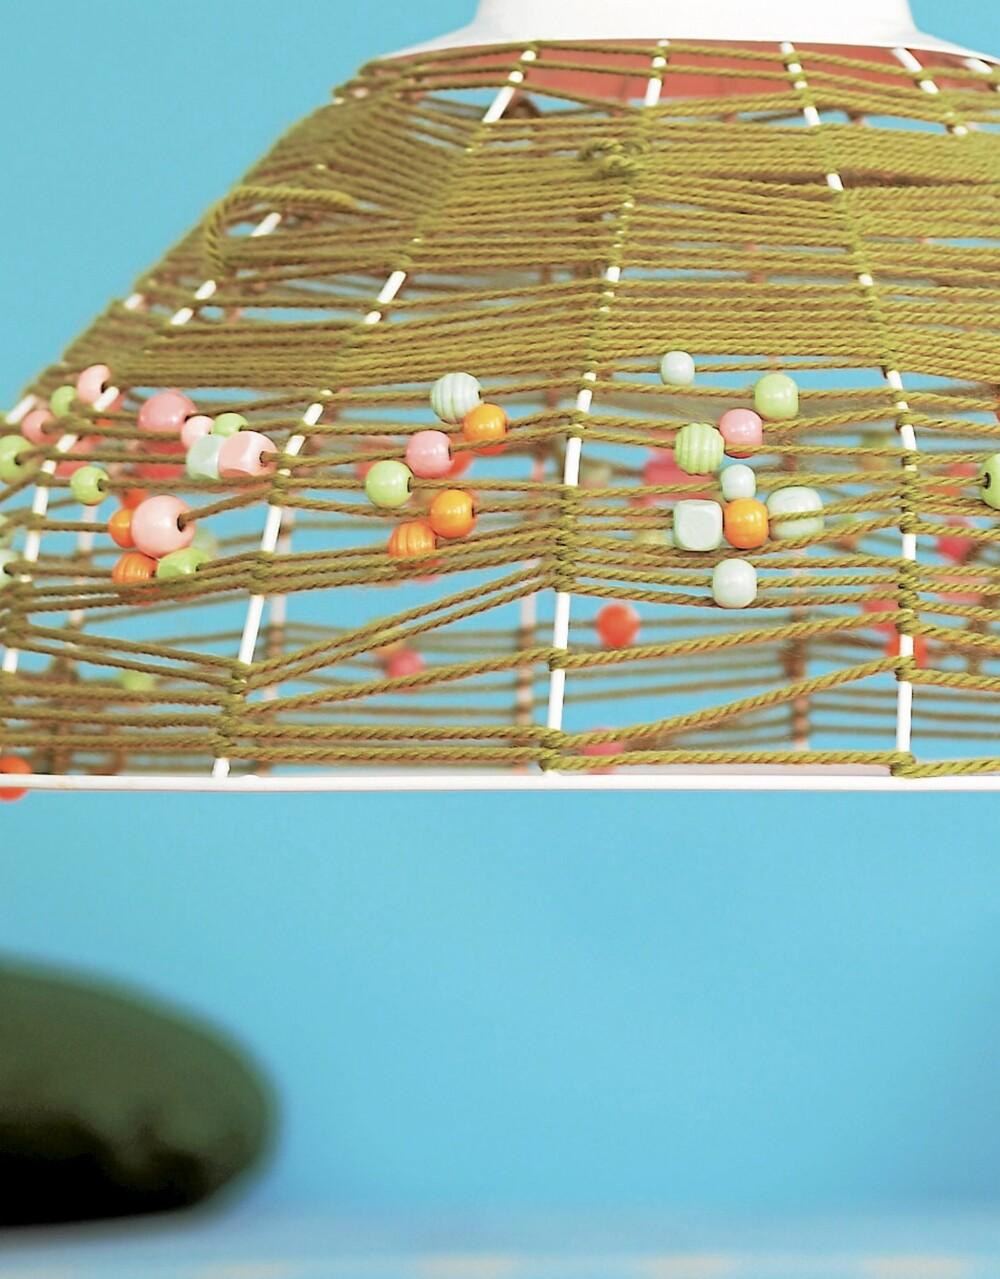 LAG KUL LAMPE: Du trenger et lampeskjelett av wire, ca. kr 530, House Doctor/Tina Sand, et olivengrønt garn og pastellfargede perler, fås hos Panduro Hobby. Start med å binde fast garnet øverst på lampen og surr det halvveis ned på stativet. Træ perler tett i tett på tråden og surr cirka en fjerdedel til. Træ nå færre perler på tråden og surr det siste stykket. Bind fast garnet i enden.